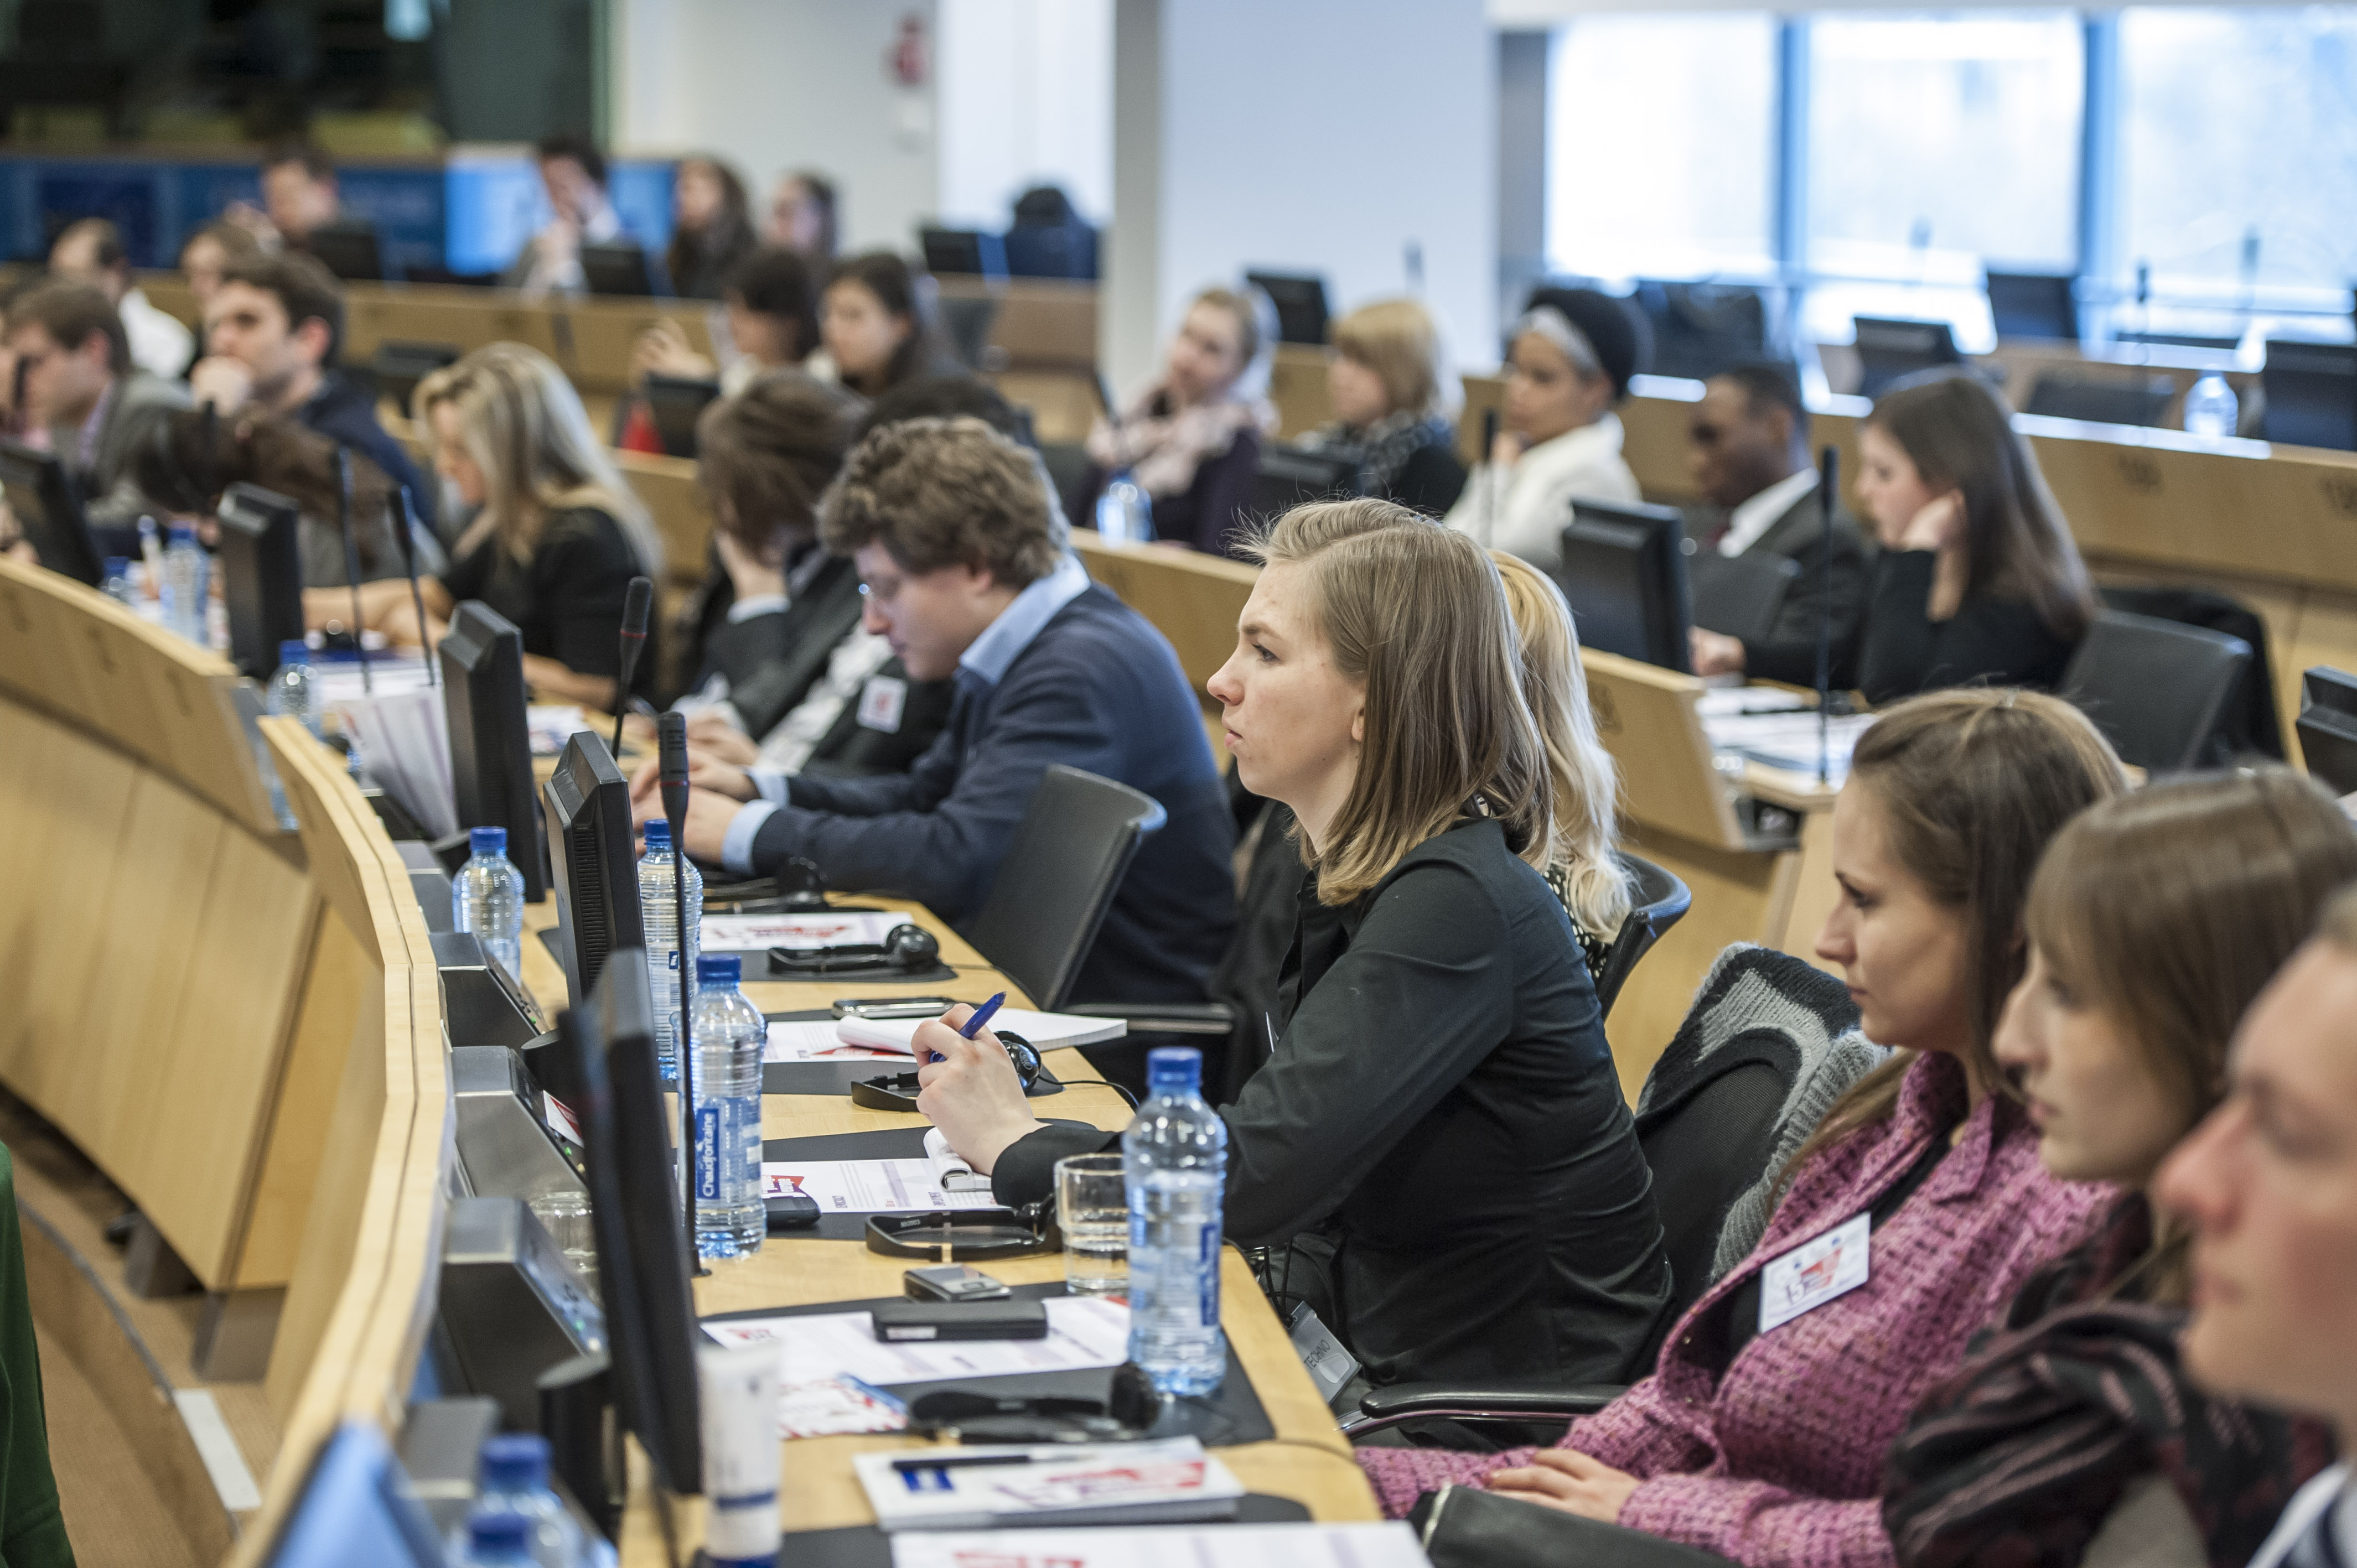 Dagli universitari dell 39 ue cinque idee per un 39 europa pi - In diversi paesi aiutano gli studenti universitari ...